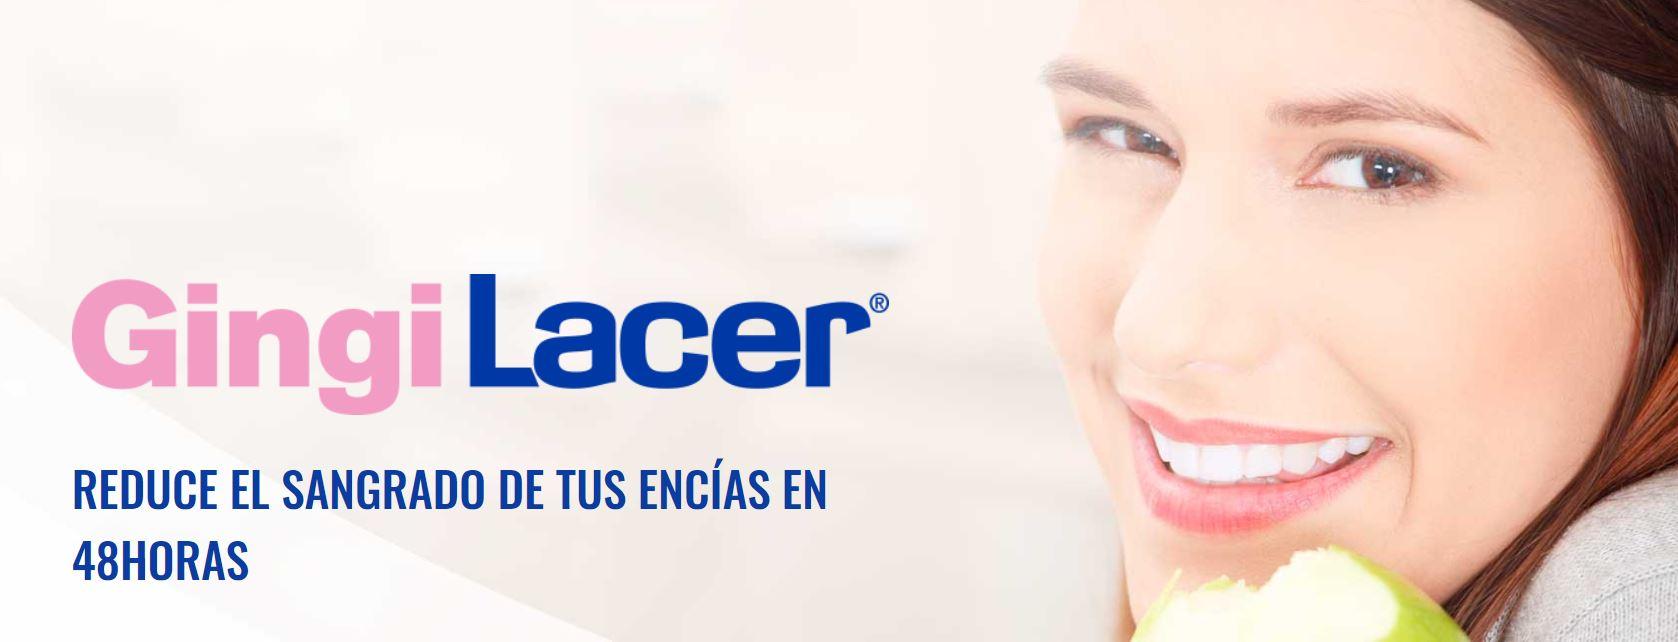 GINGILACER-Banner